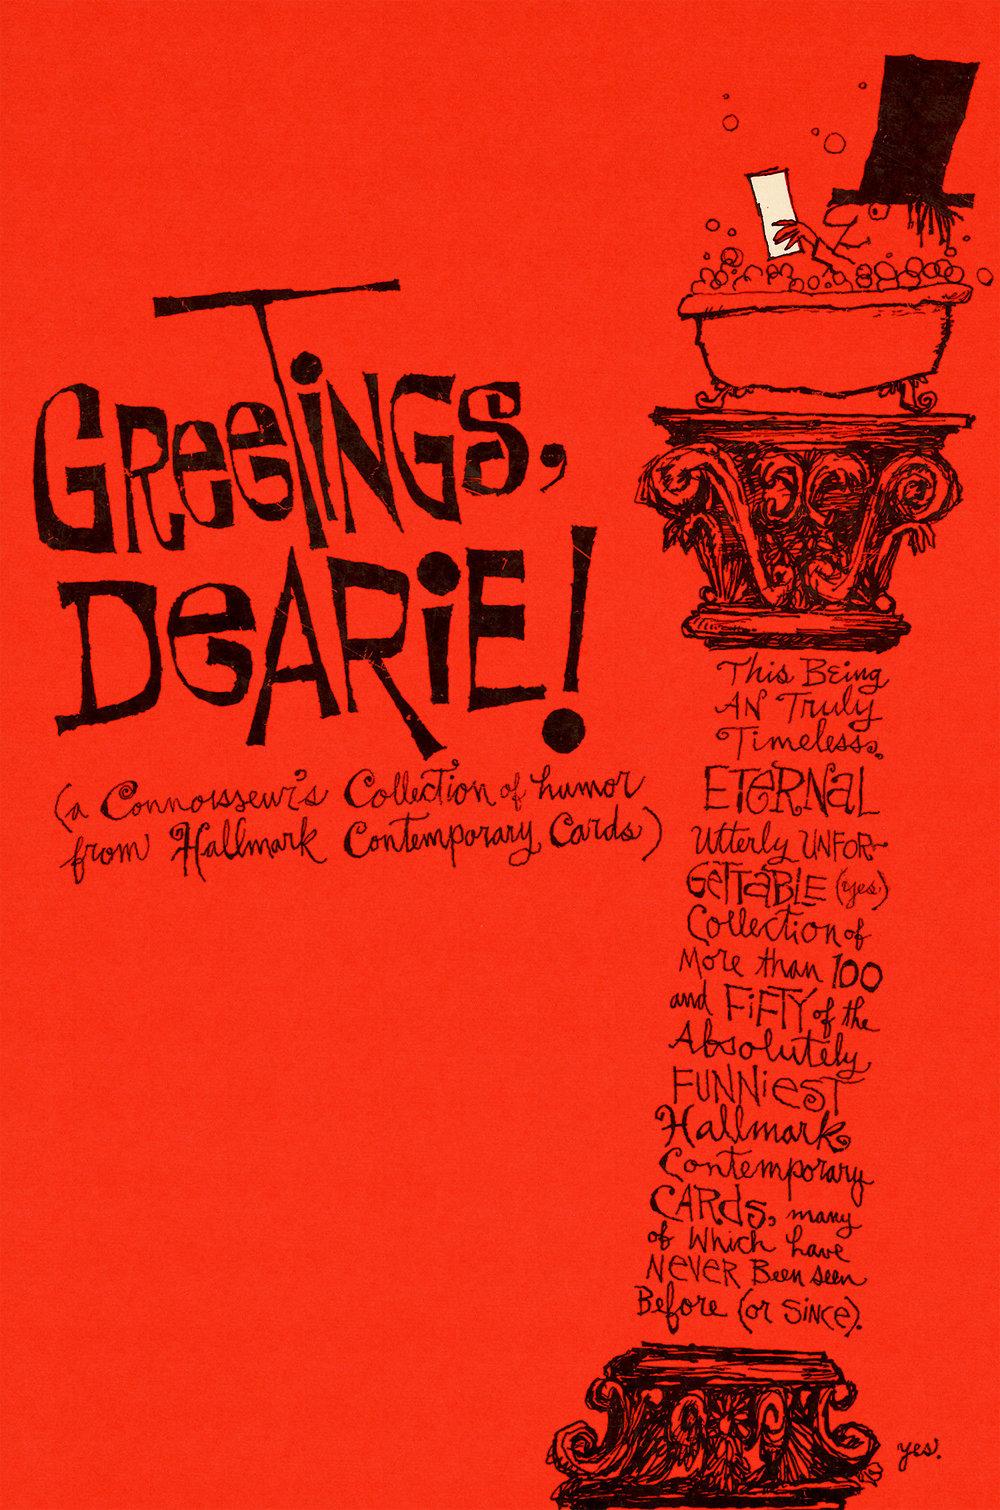 Greetings-Dearie-c.jpg